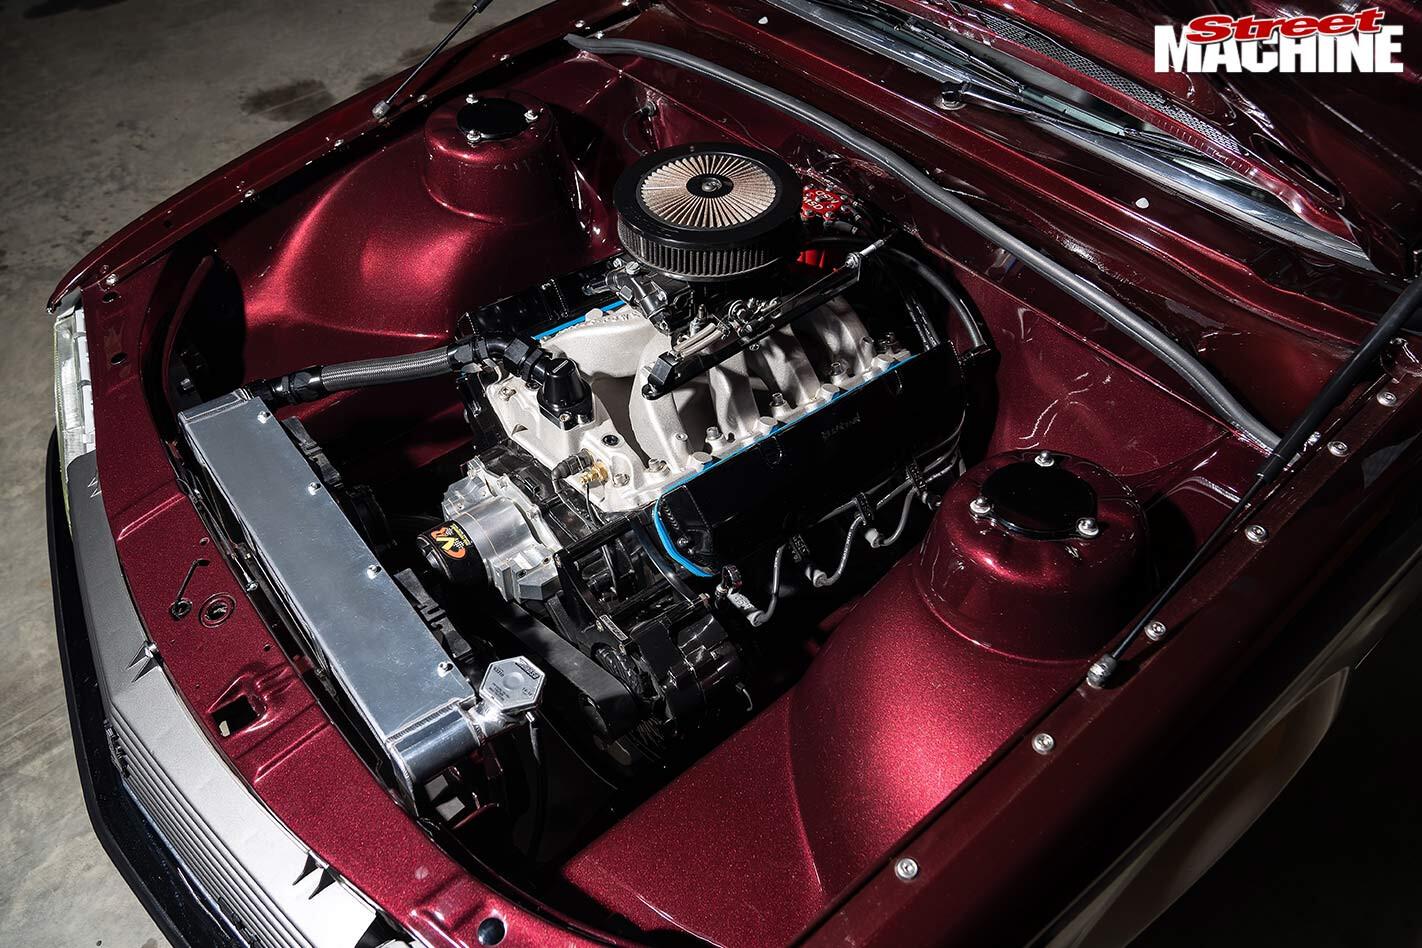 Holden VH Commodore SL/E engine bay